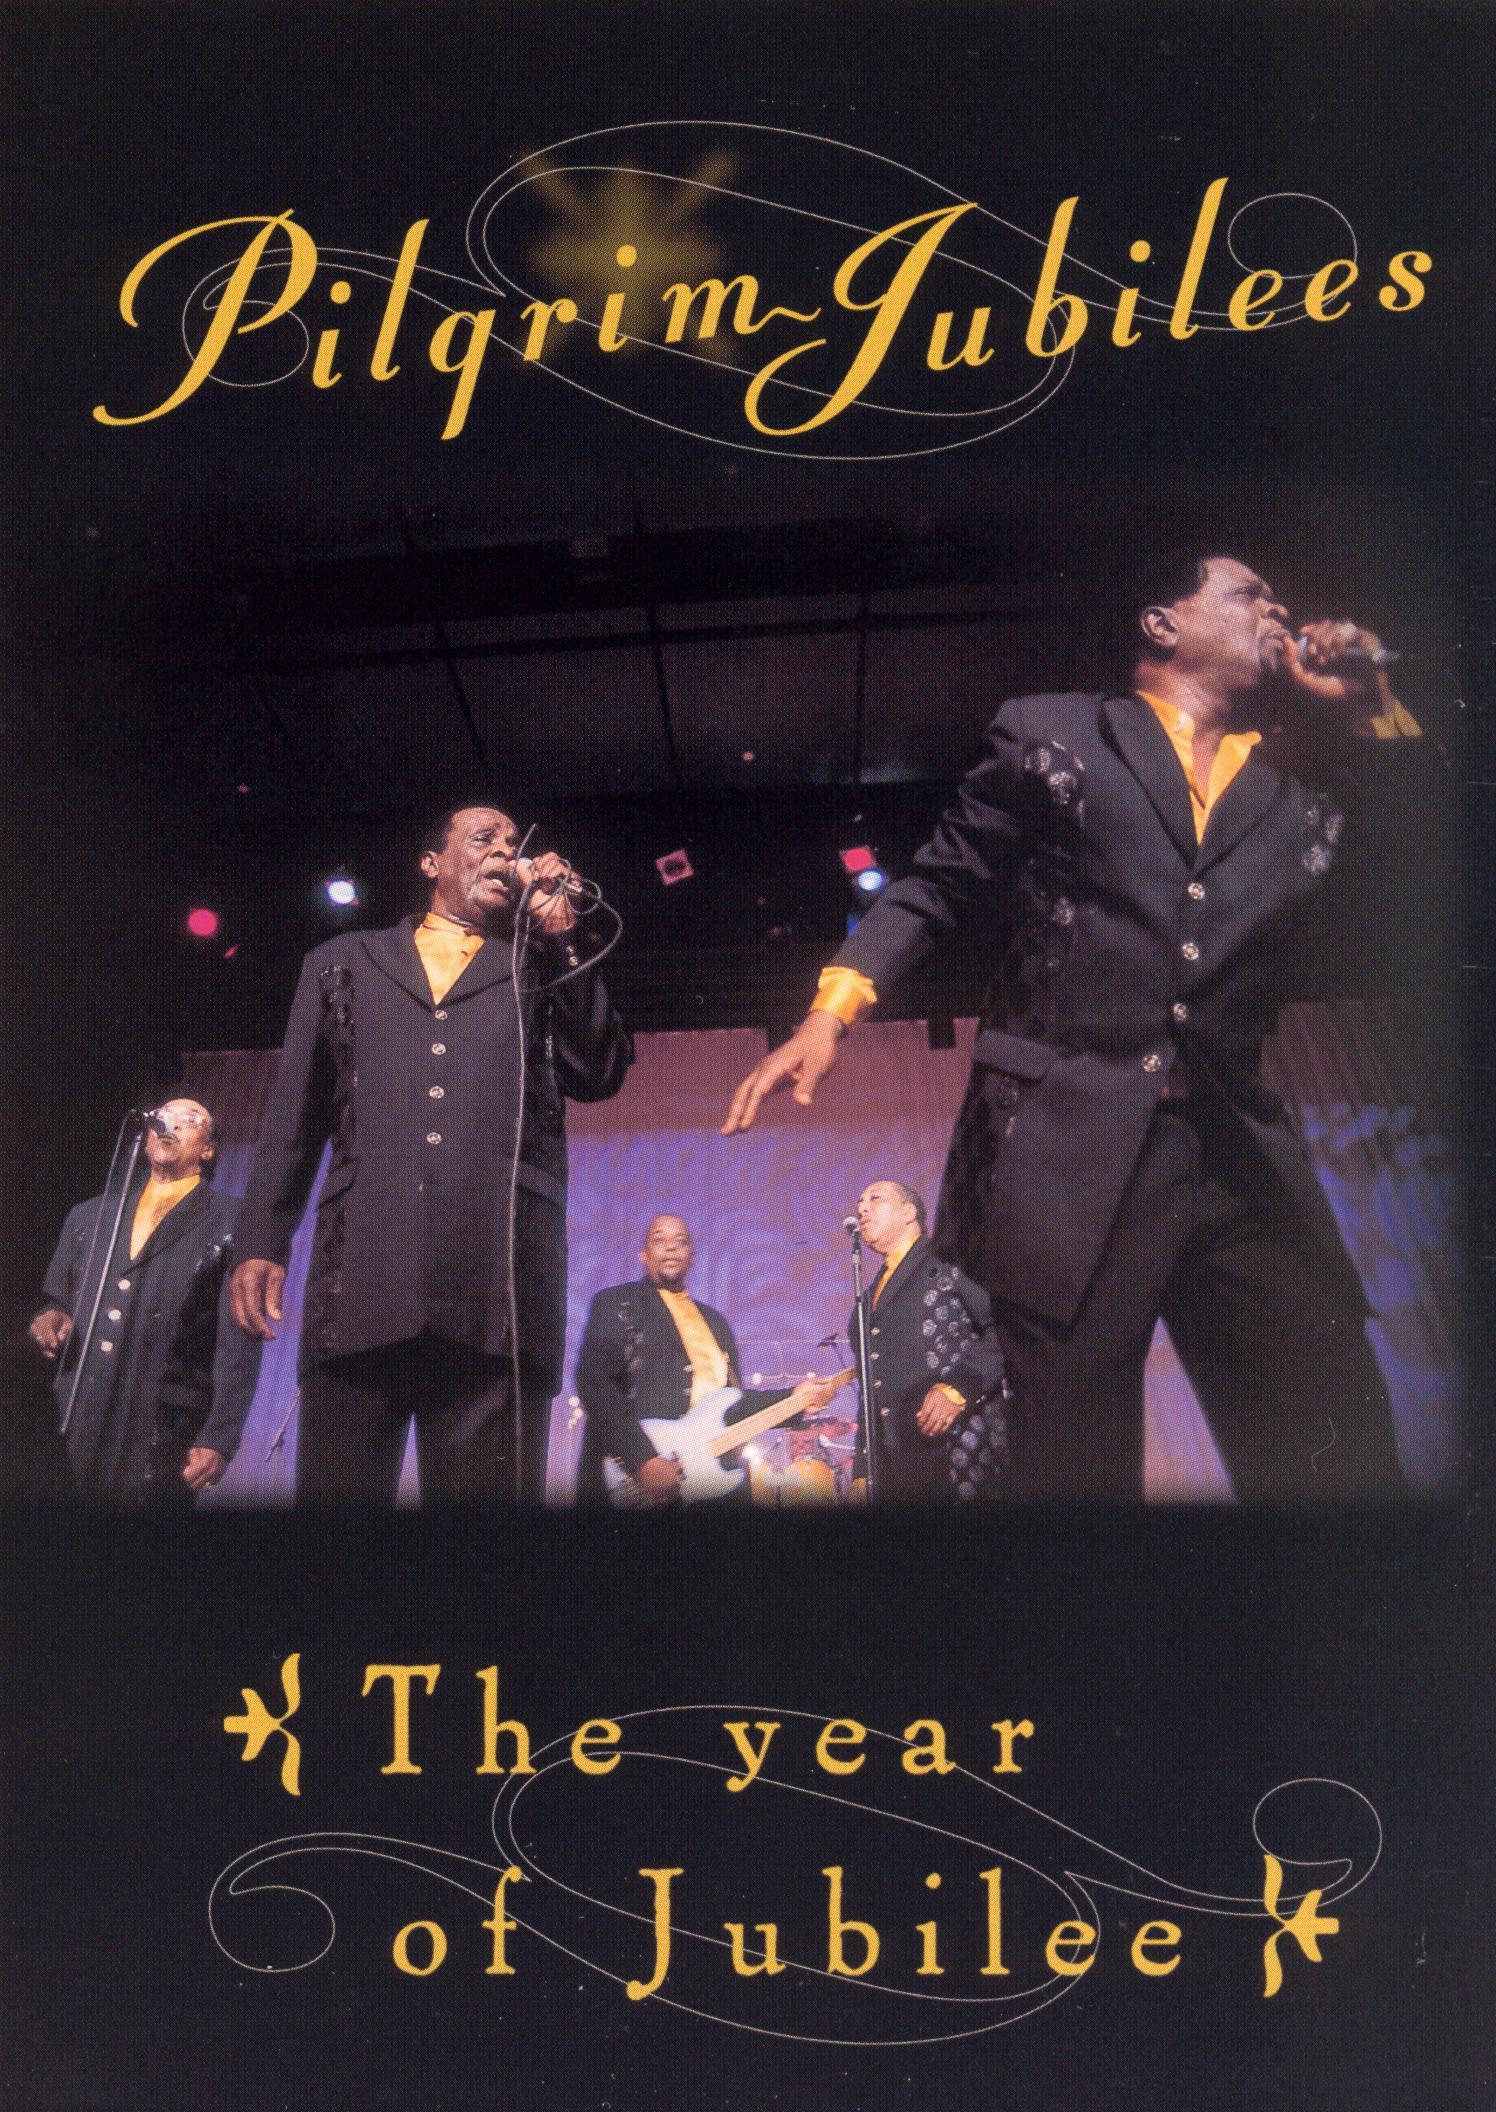 The Pilgrim Jubilees: Year of the Jubilee